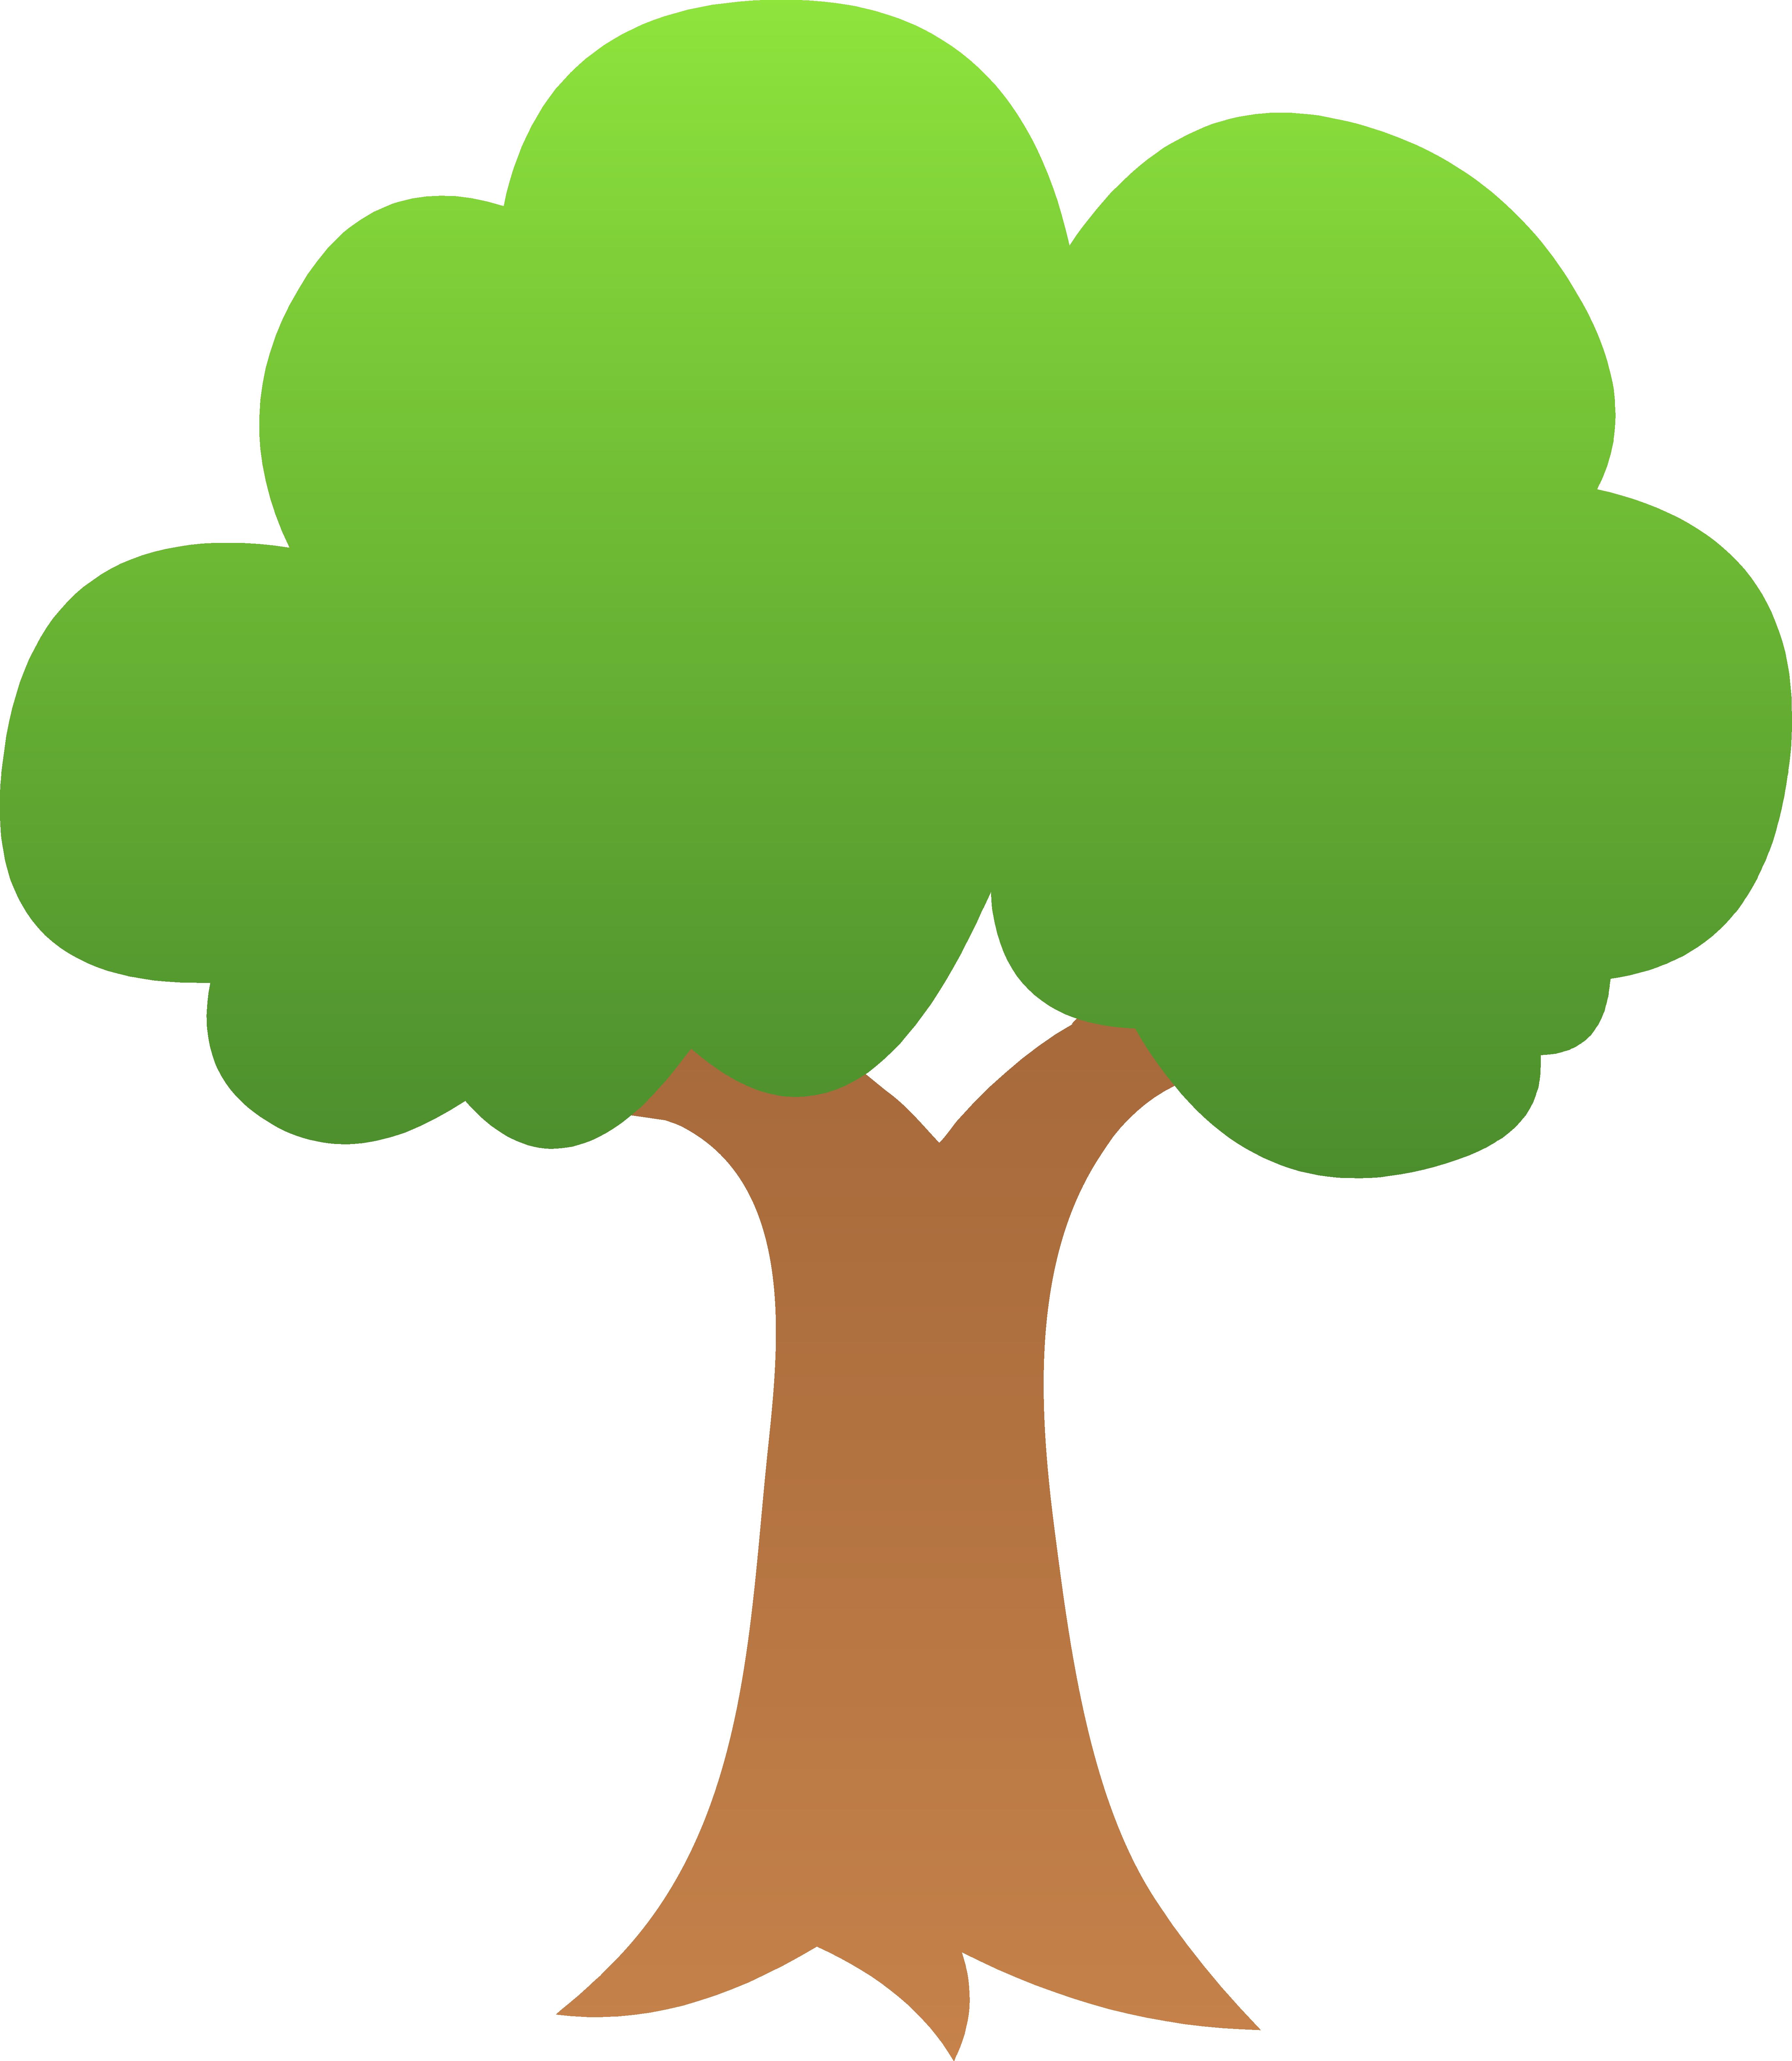 Tree Clipart-tree clipart-13